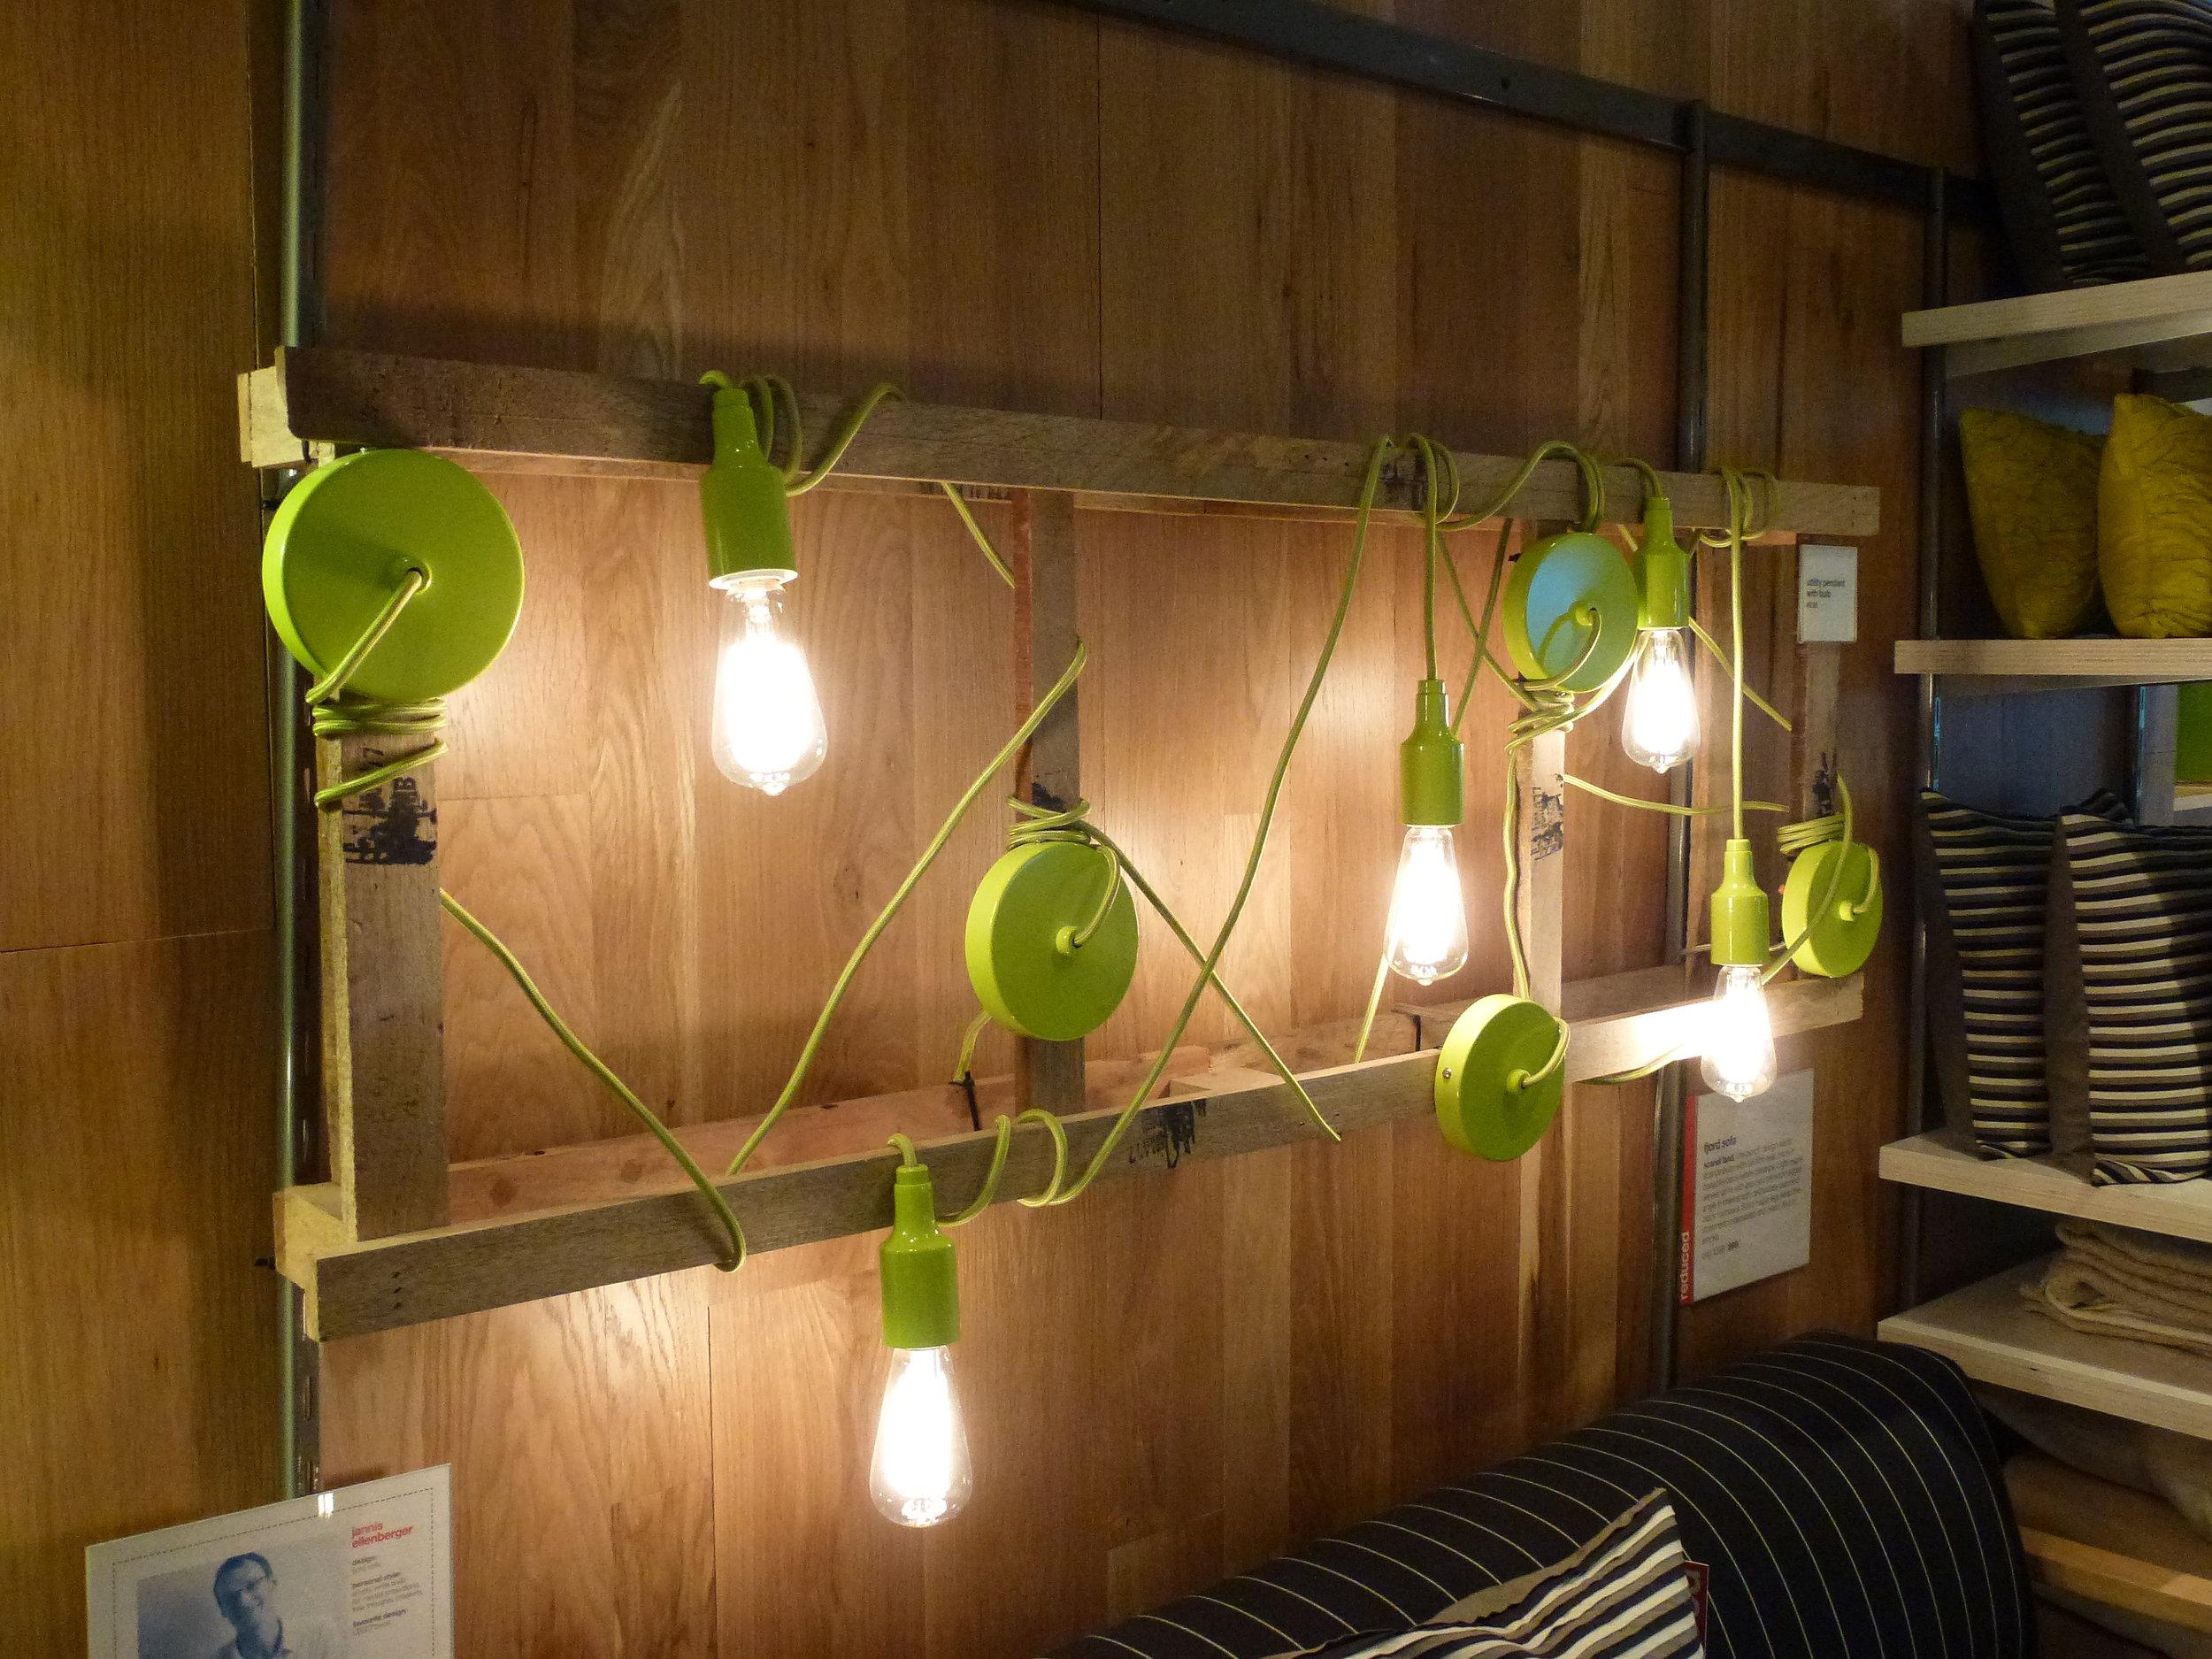 Lampe mit Palettenkonstruktion.jpg